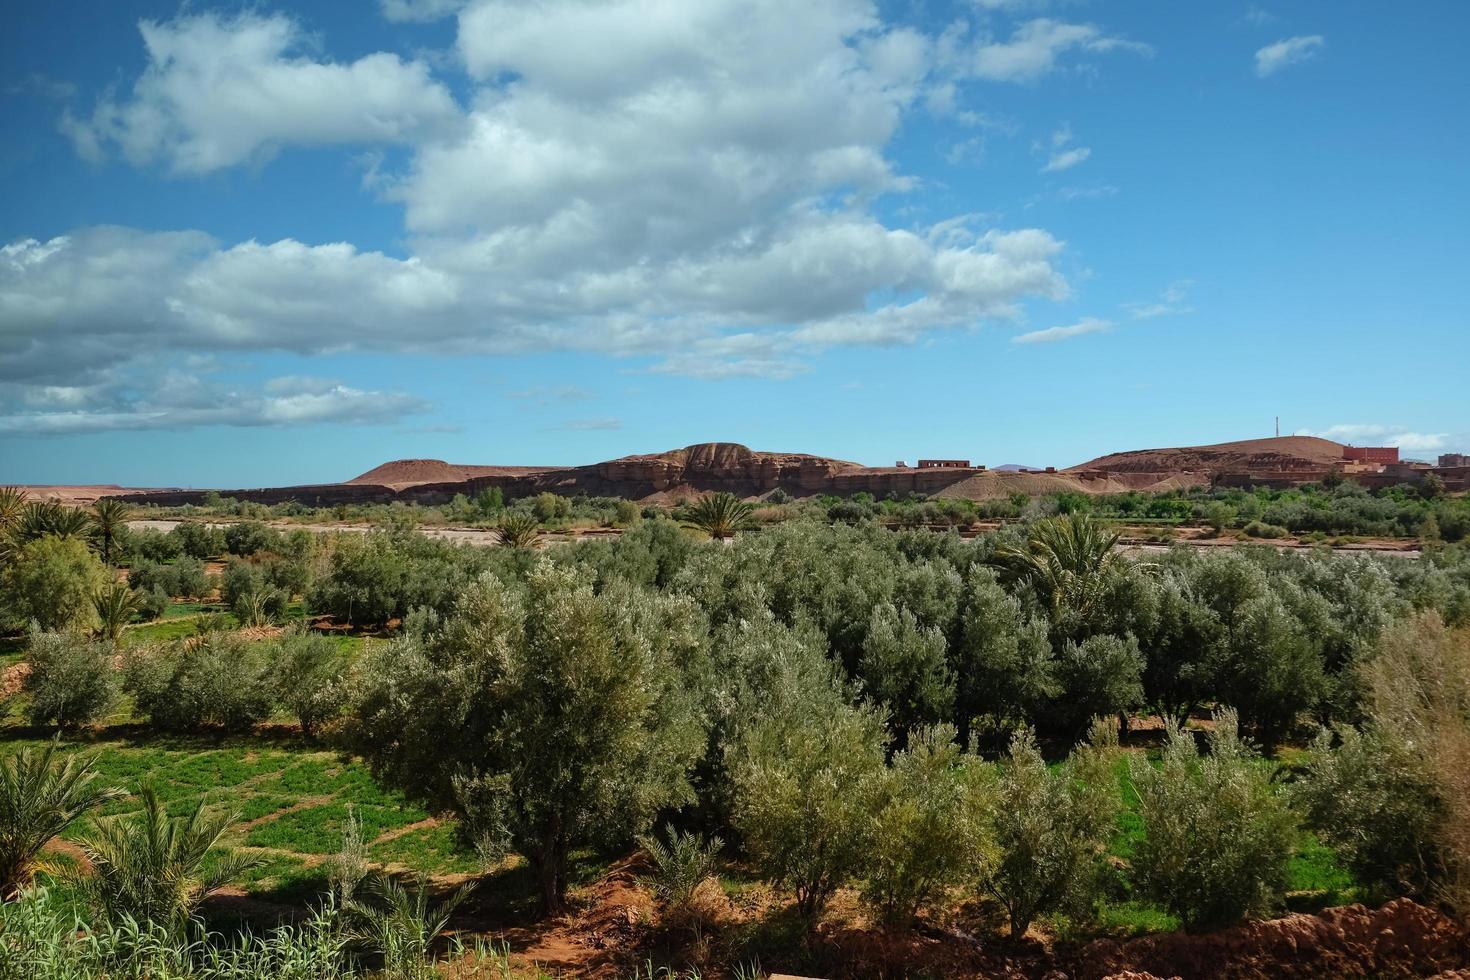 vue paysage du champ de culture au maroc. photo